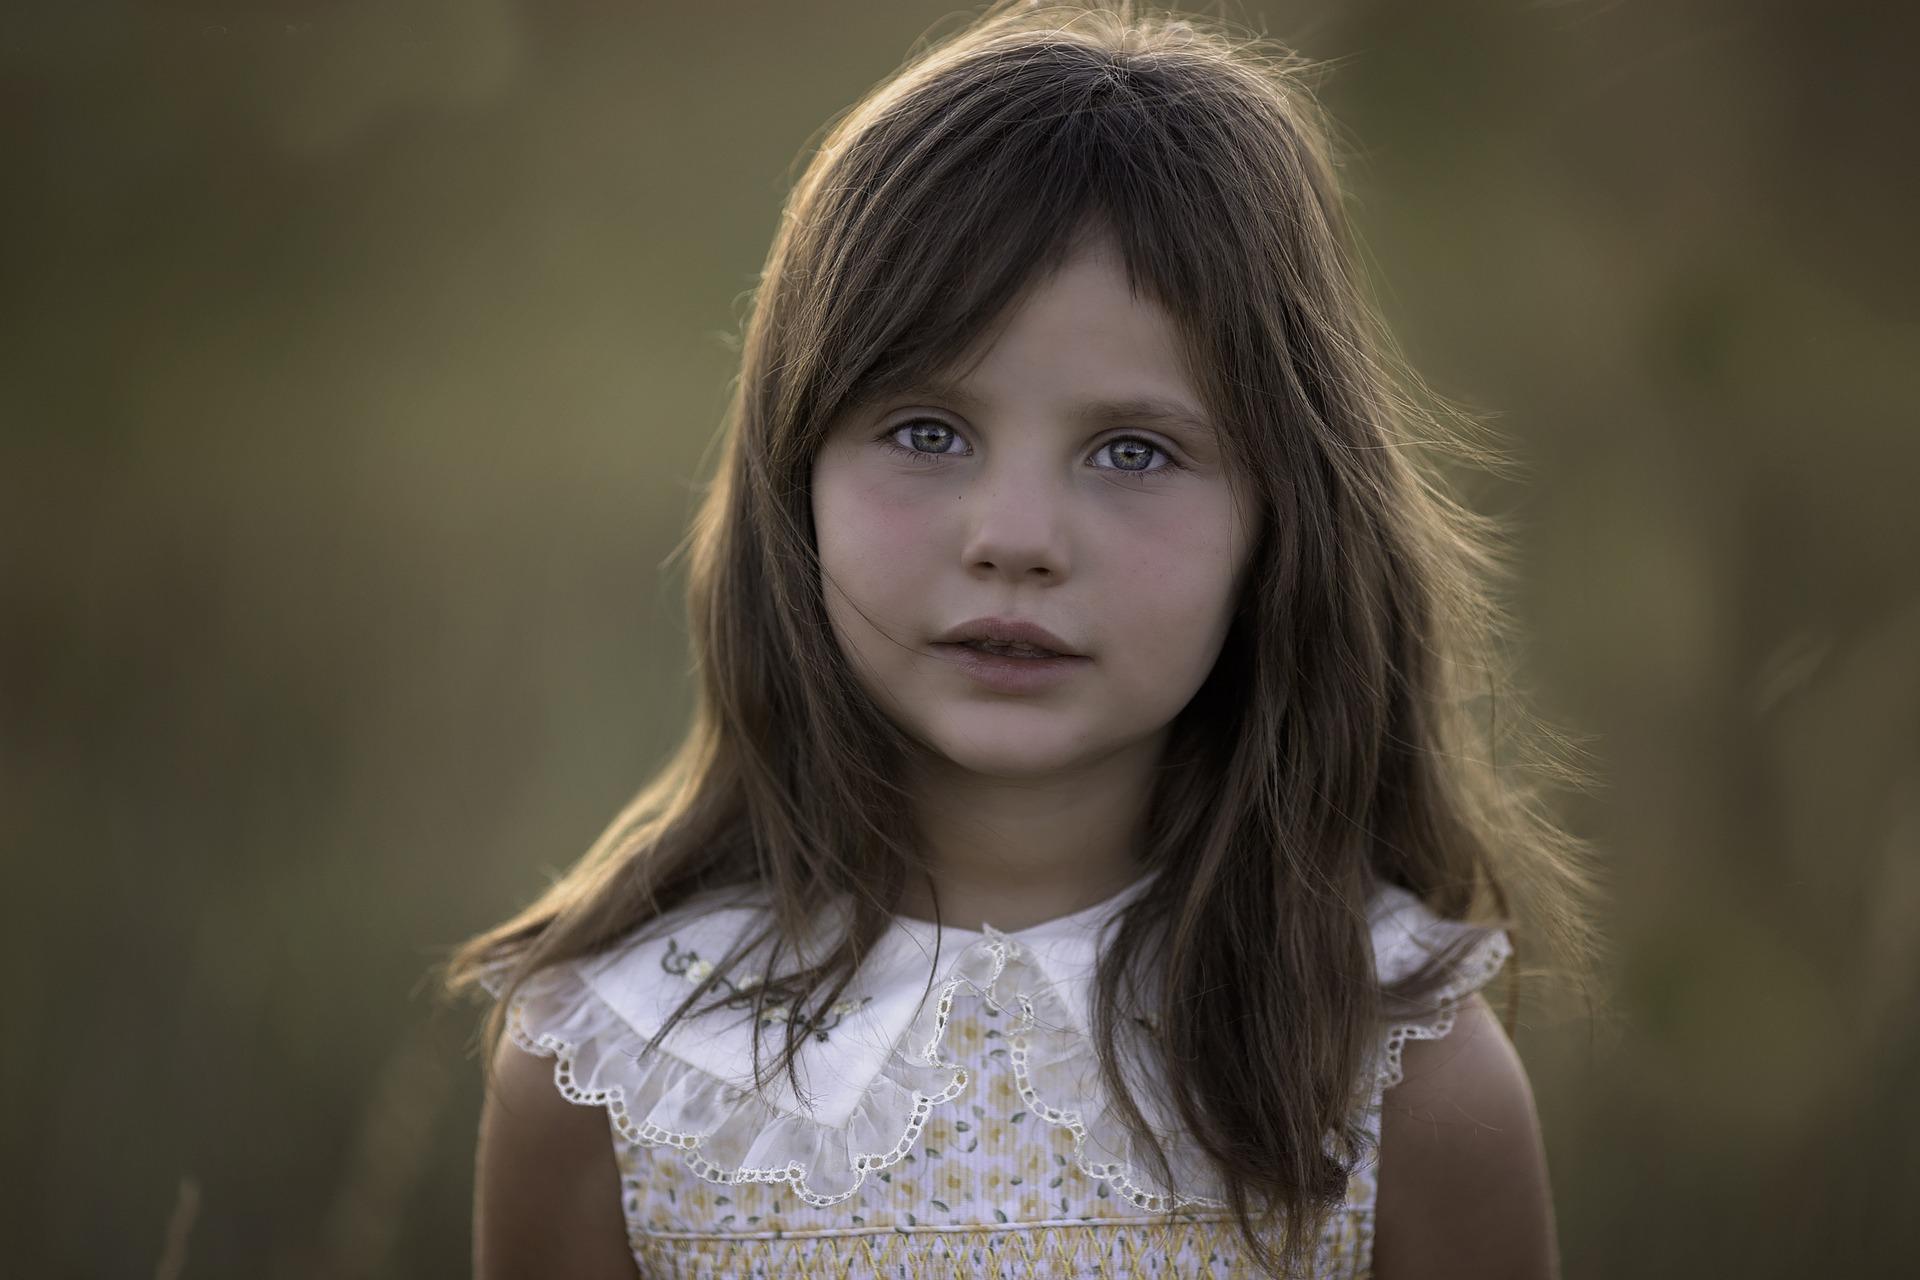 child-931152_1920